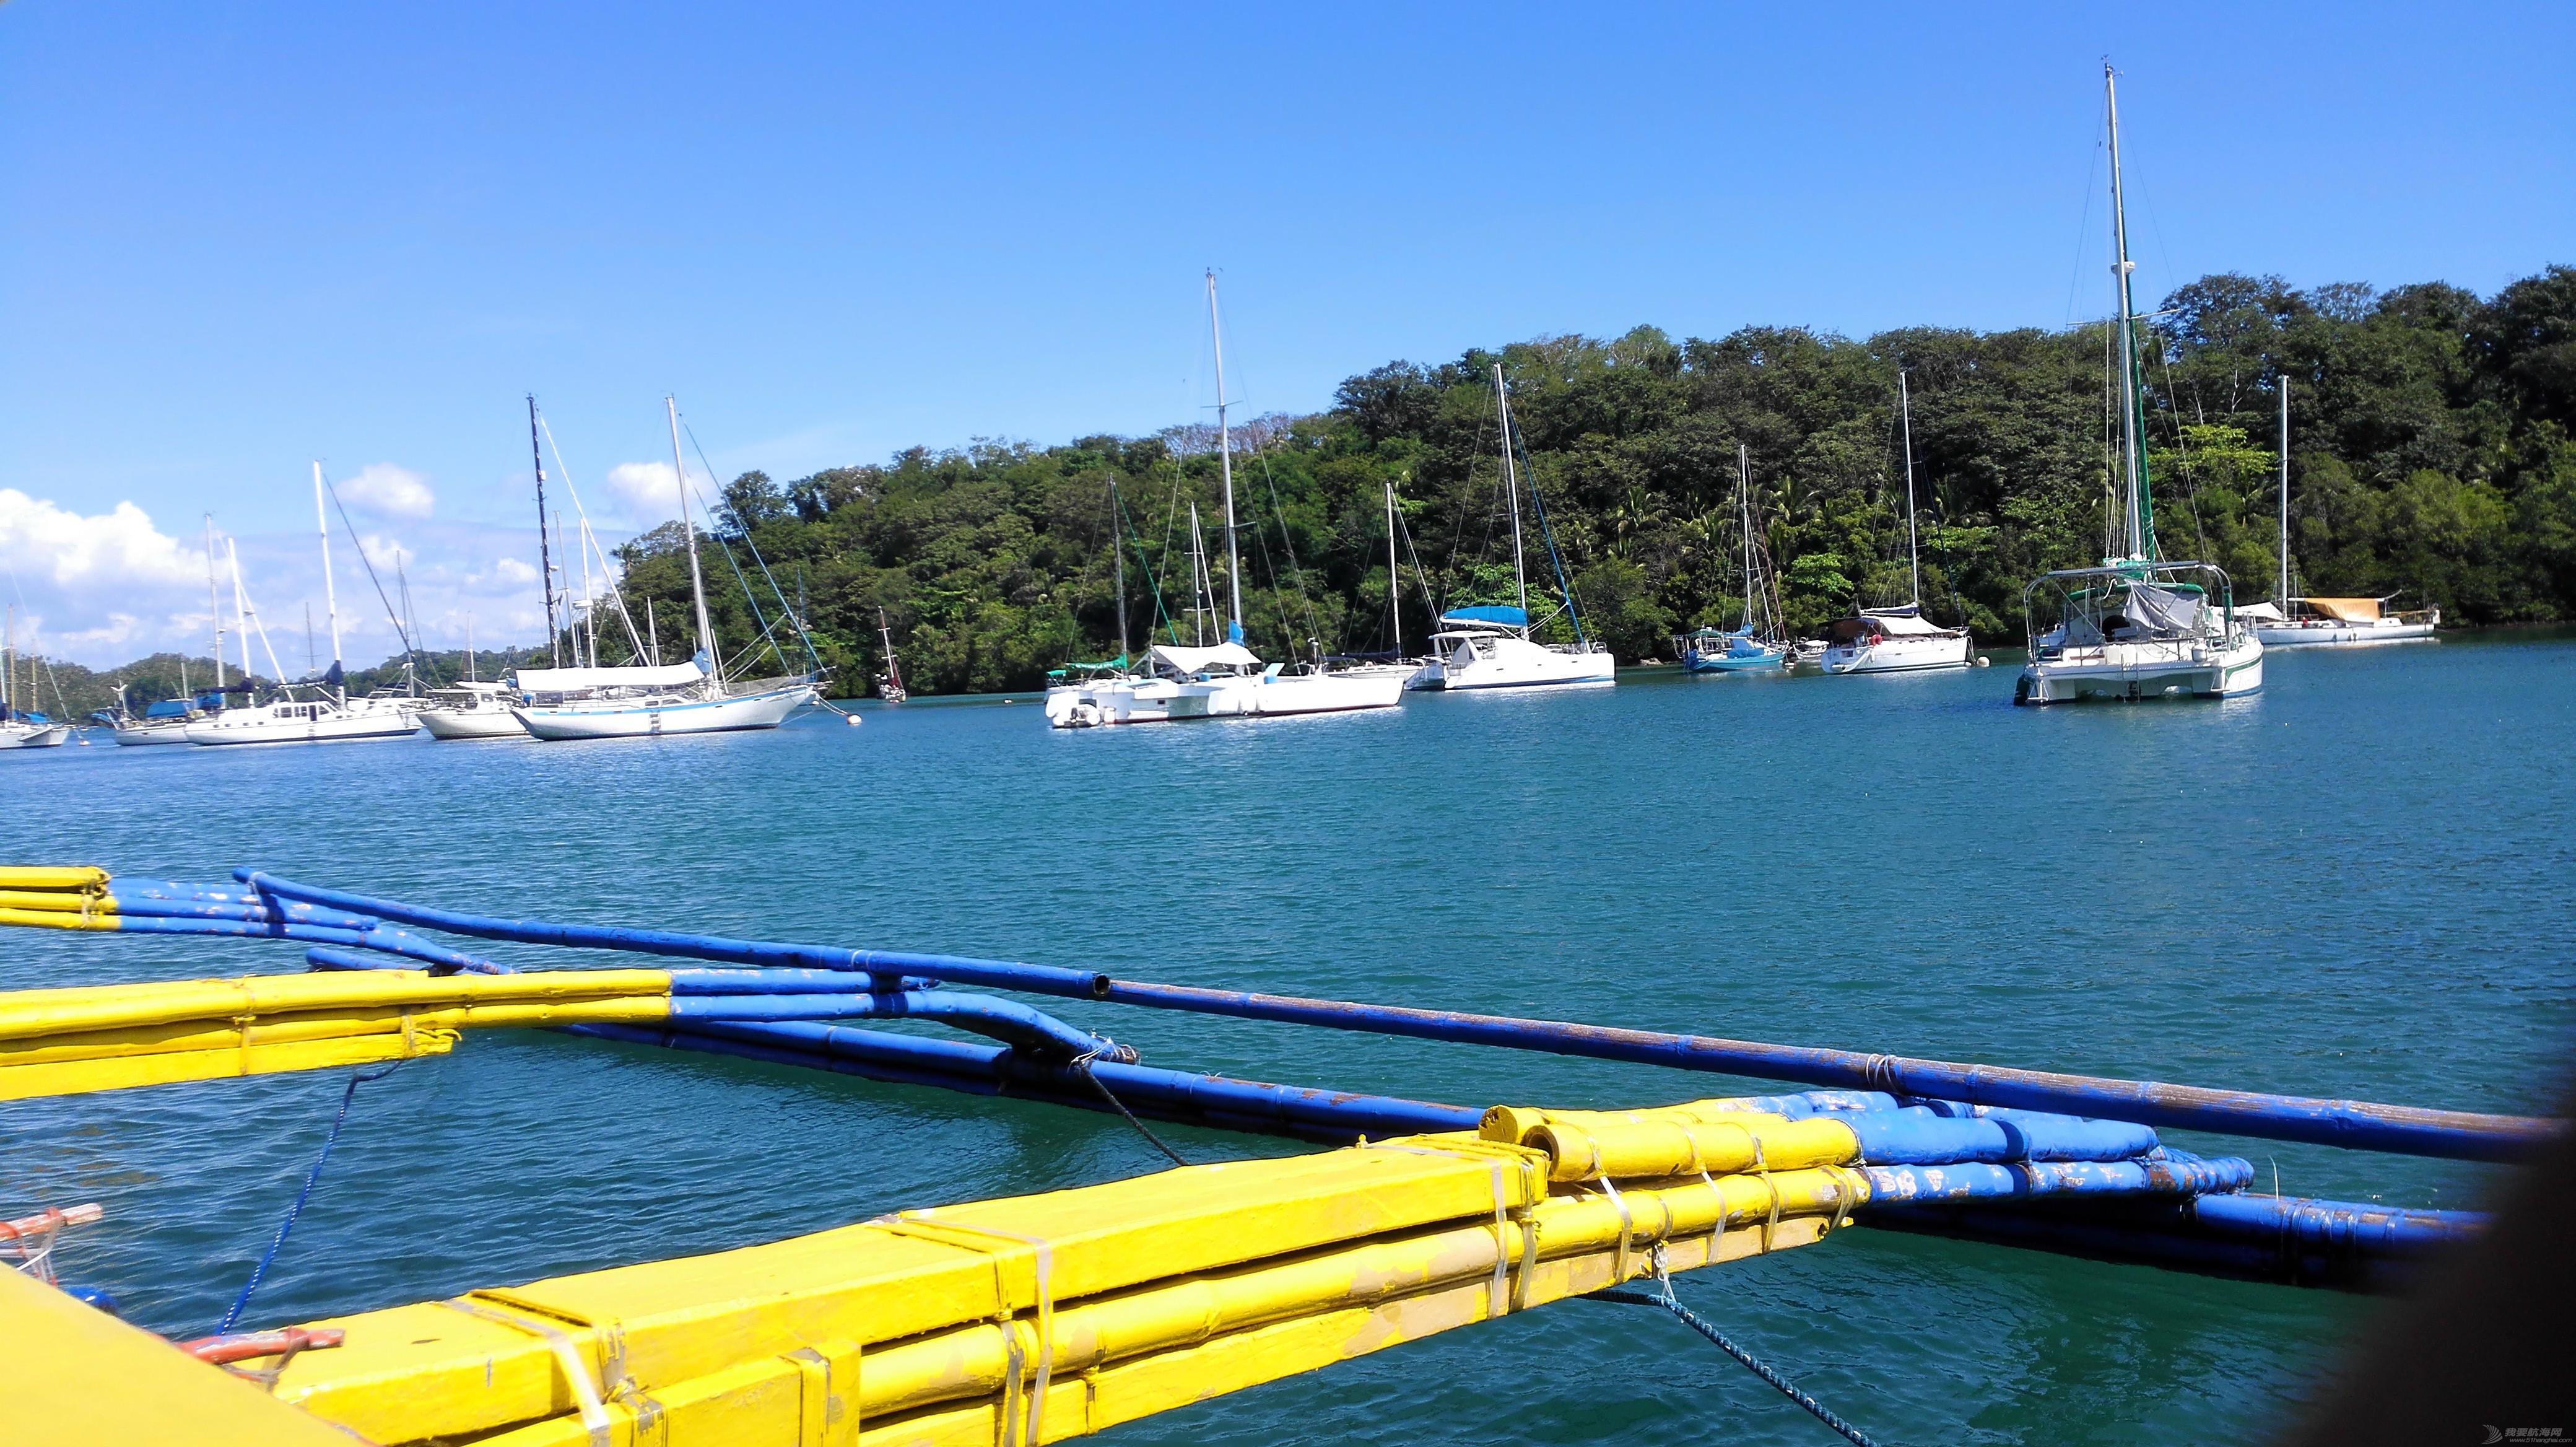 美国,二手,帆船,翻新,托运 想买美国二手帆船托运回国,翻新改造可行吗?